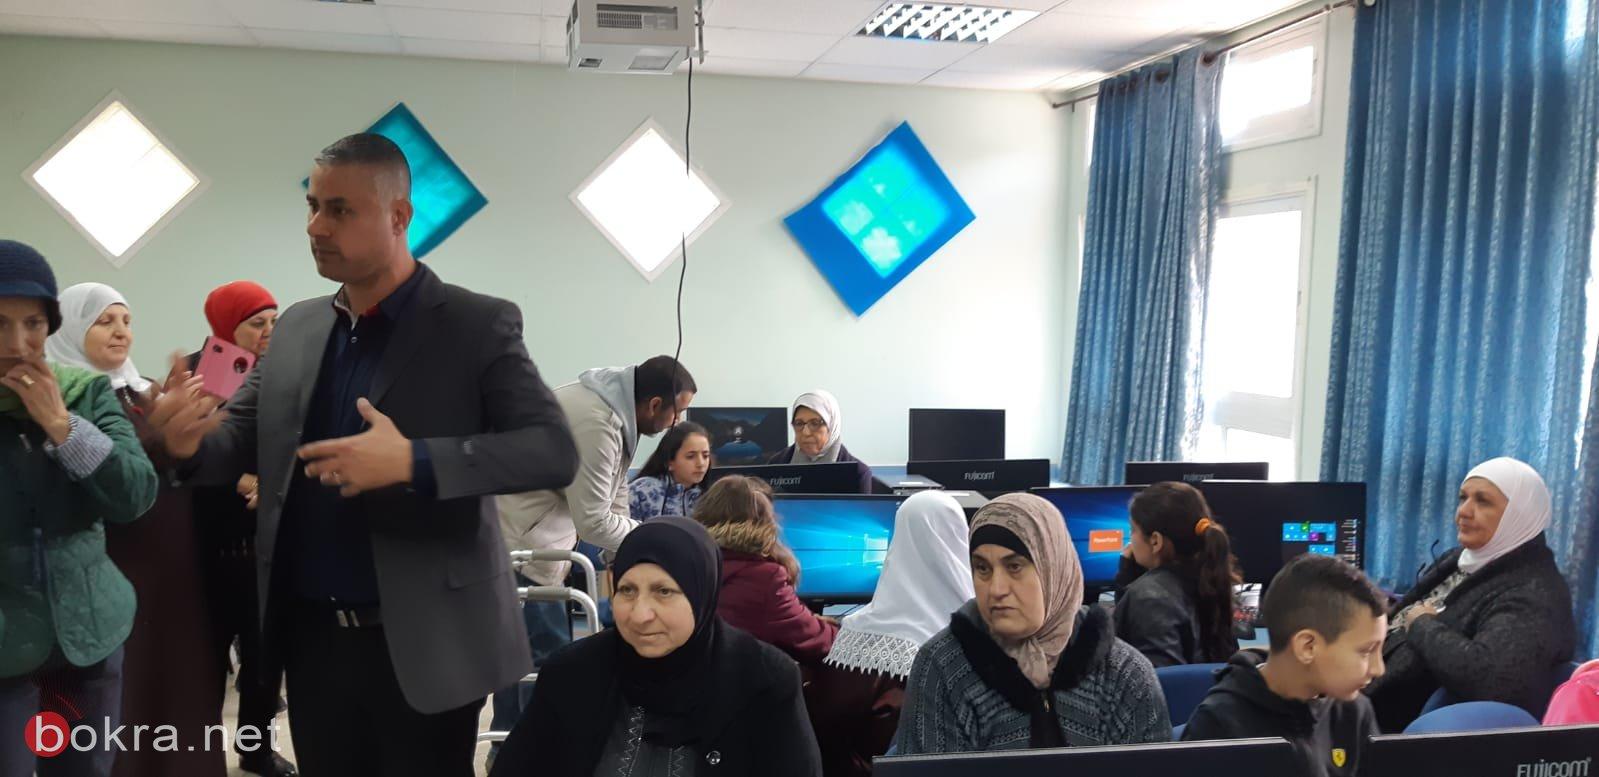 كفر مصر: مدرسة الأمل تستضيف مدراء مدارس ضمن برنامج التعلم المتبادل